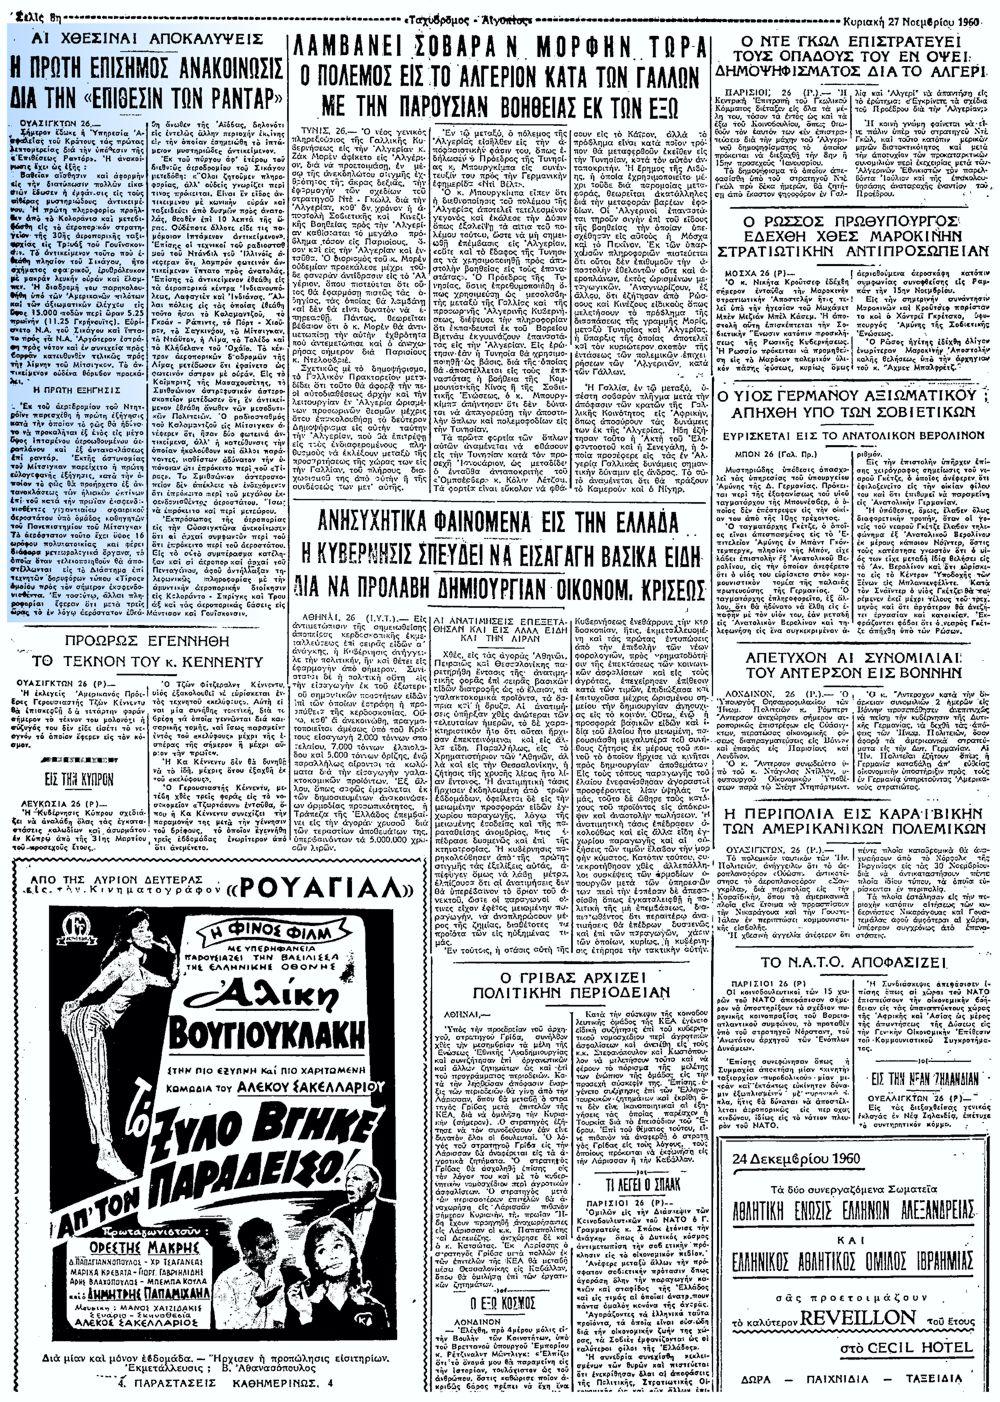 """Το άρθρο, όπως δημοσιεύθηκε στην εφημερίδα """"ΤΑΧΥΔΡΟΜΟΣ"""", στις 27/11/1960"""